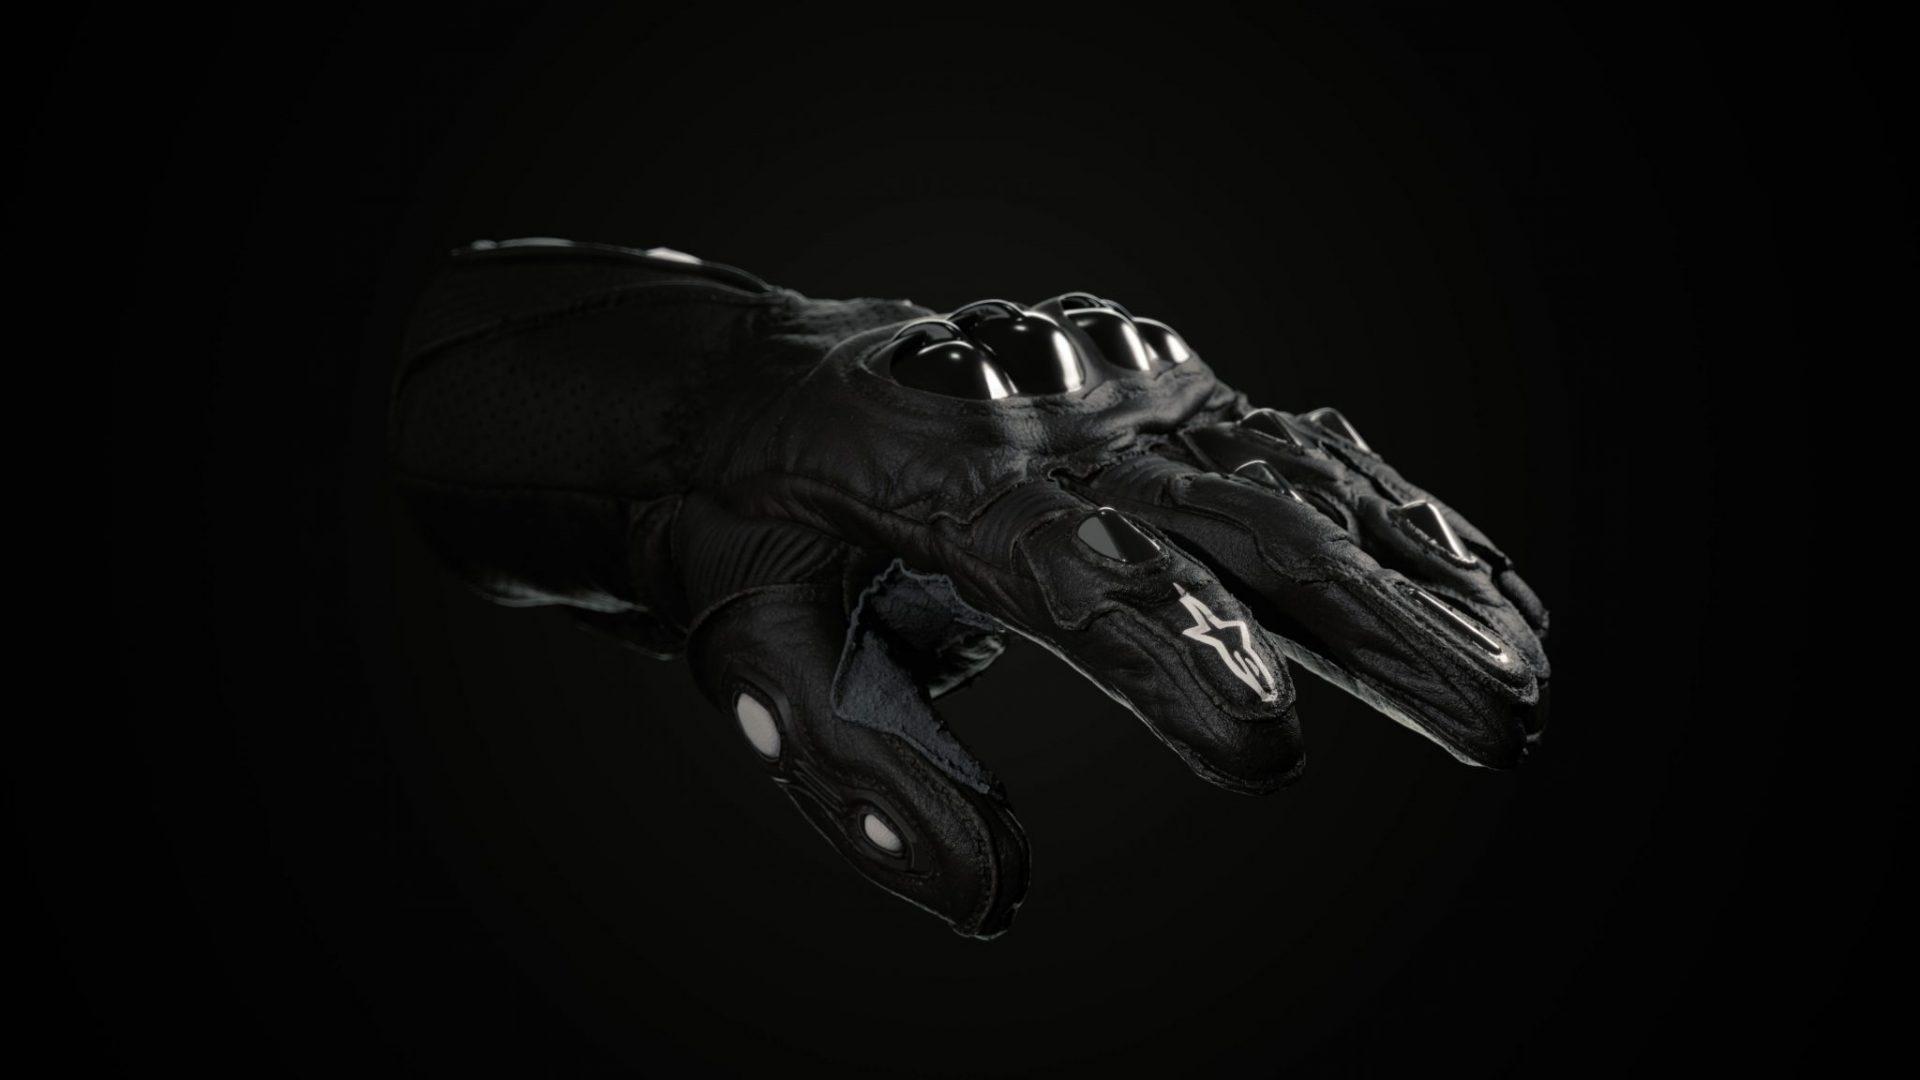 Alpinestars_glove scan perspective -black 2